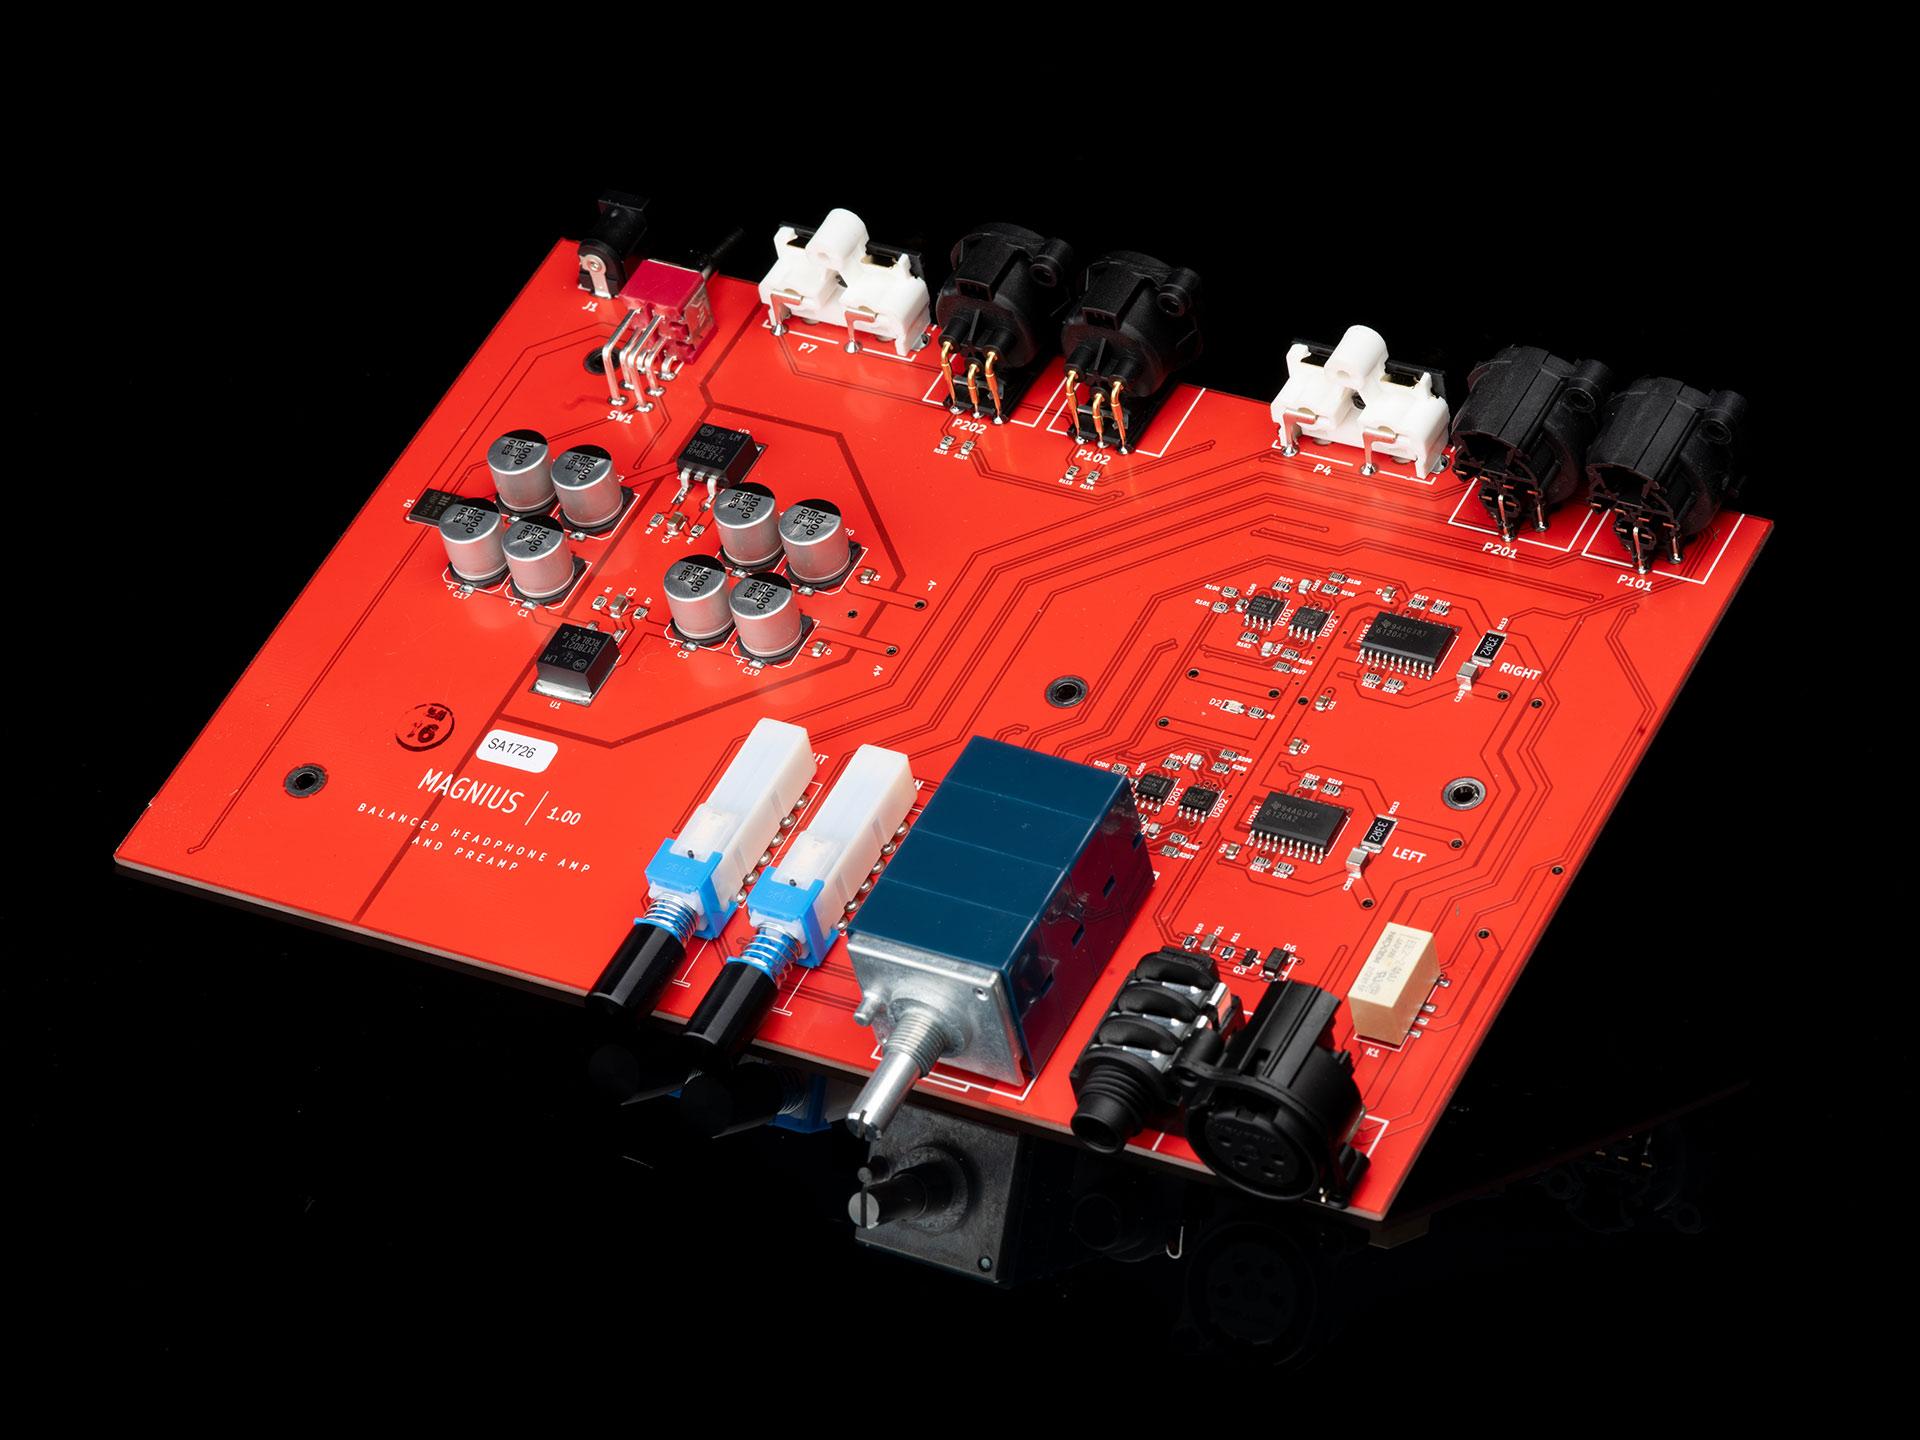 Close-up of the Magnius PCB.